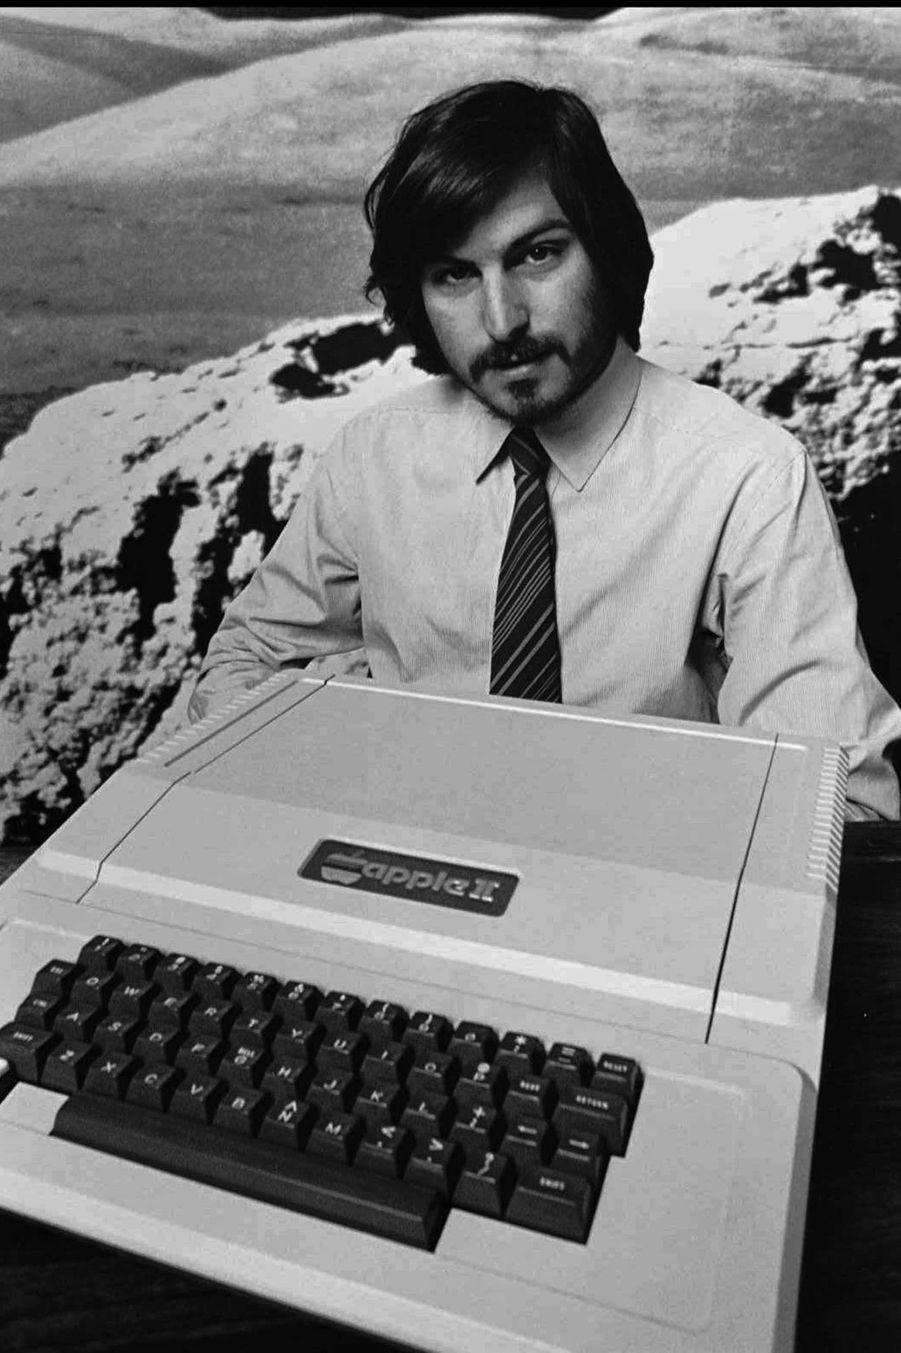 1977. Le deuxième ordinateur Apple, l'Apple II, possédait 4 ko de mémoire RAM. Pour comparer, les iPhones d'aujourd'hui sont 1800 fois plus...